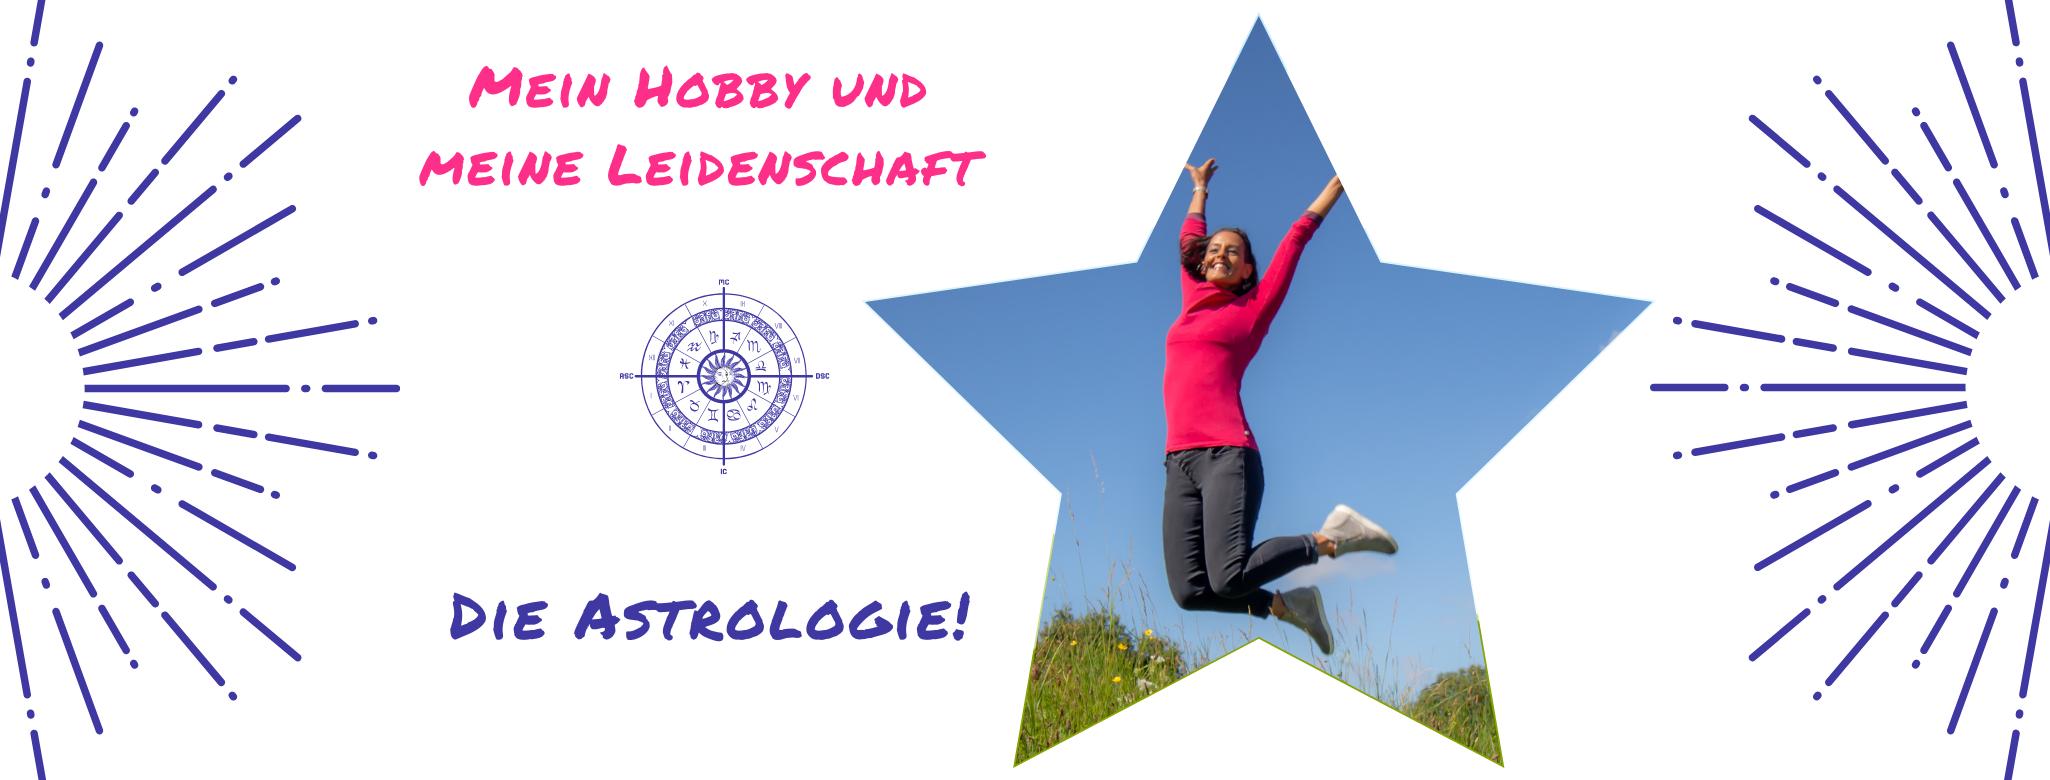 Mein Hobby und meine Leidenschaft - Die Astrologie!